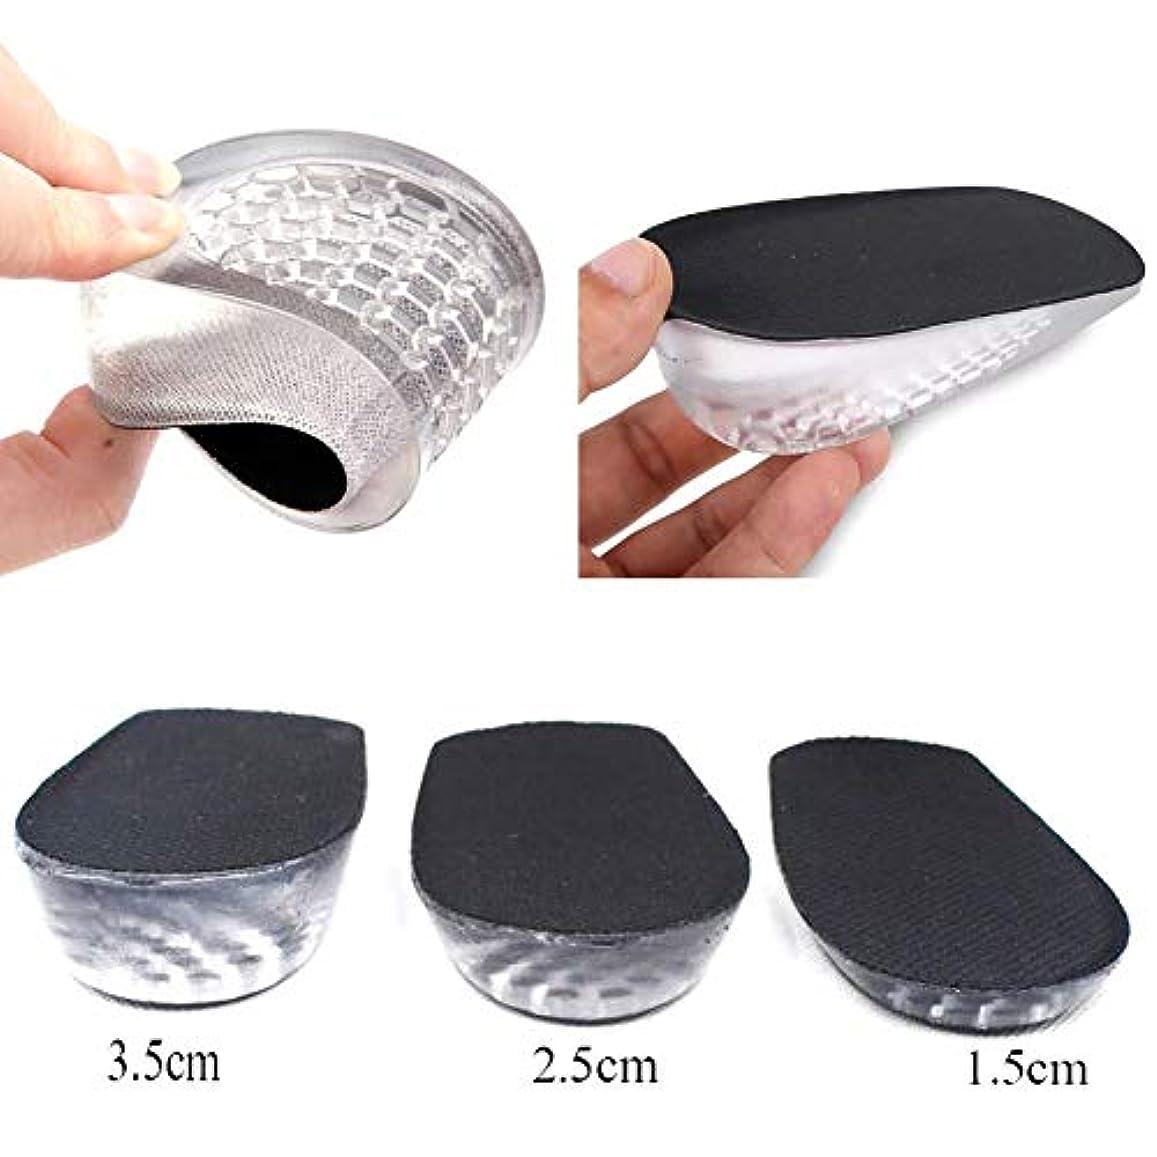 学部弁護そしてBixiangji 女性のための1ペアインソールアーチサポートパッド男性シリコーンゲル増加パッド (Color : Men black, Shoe Size : 3.5)